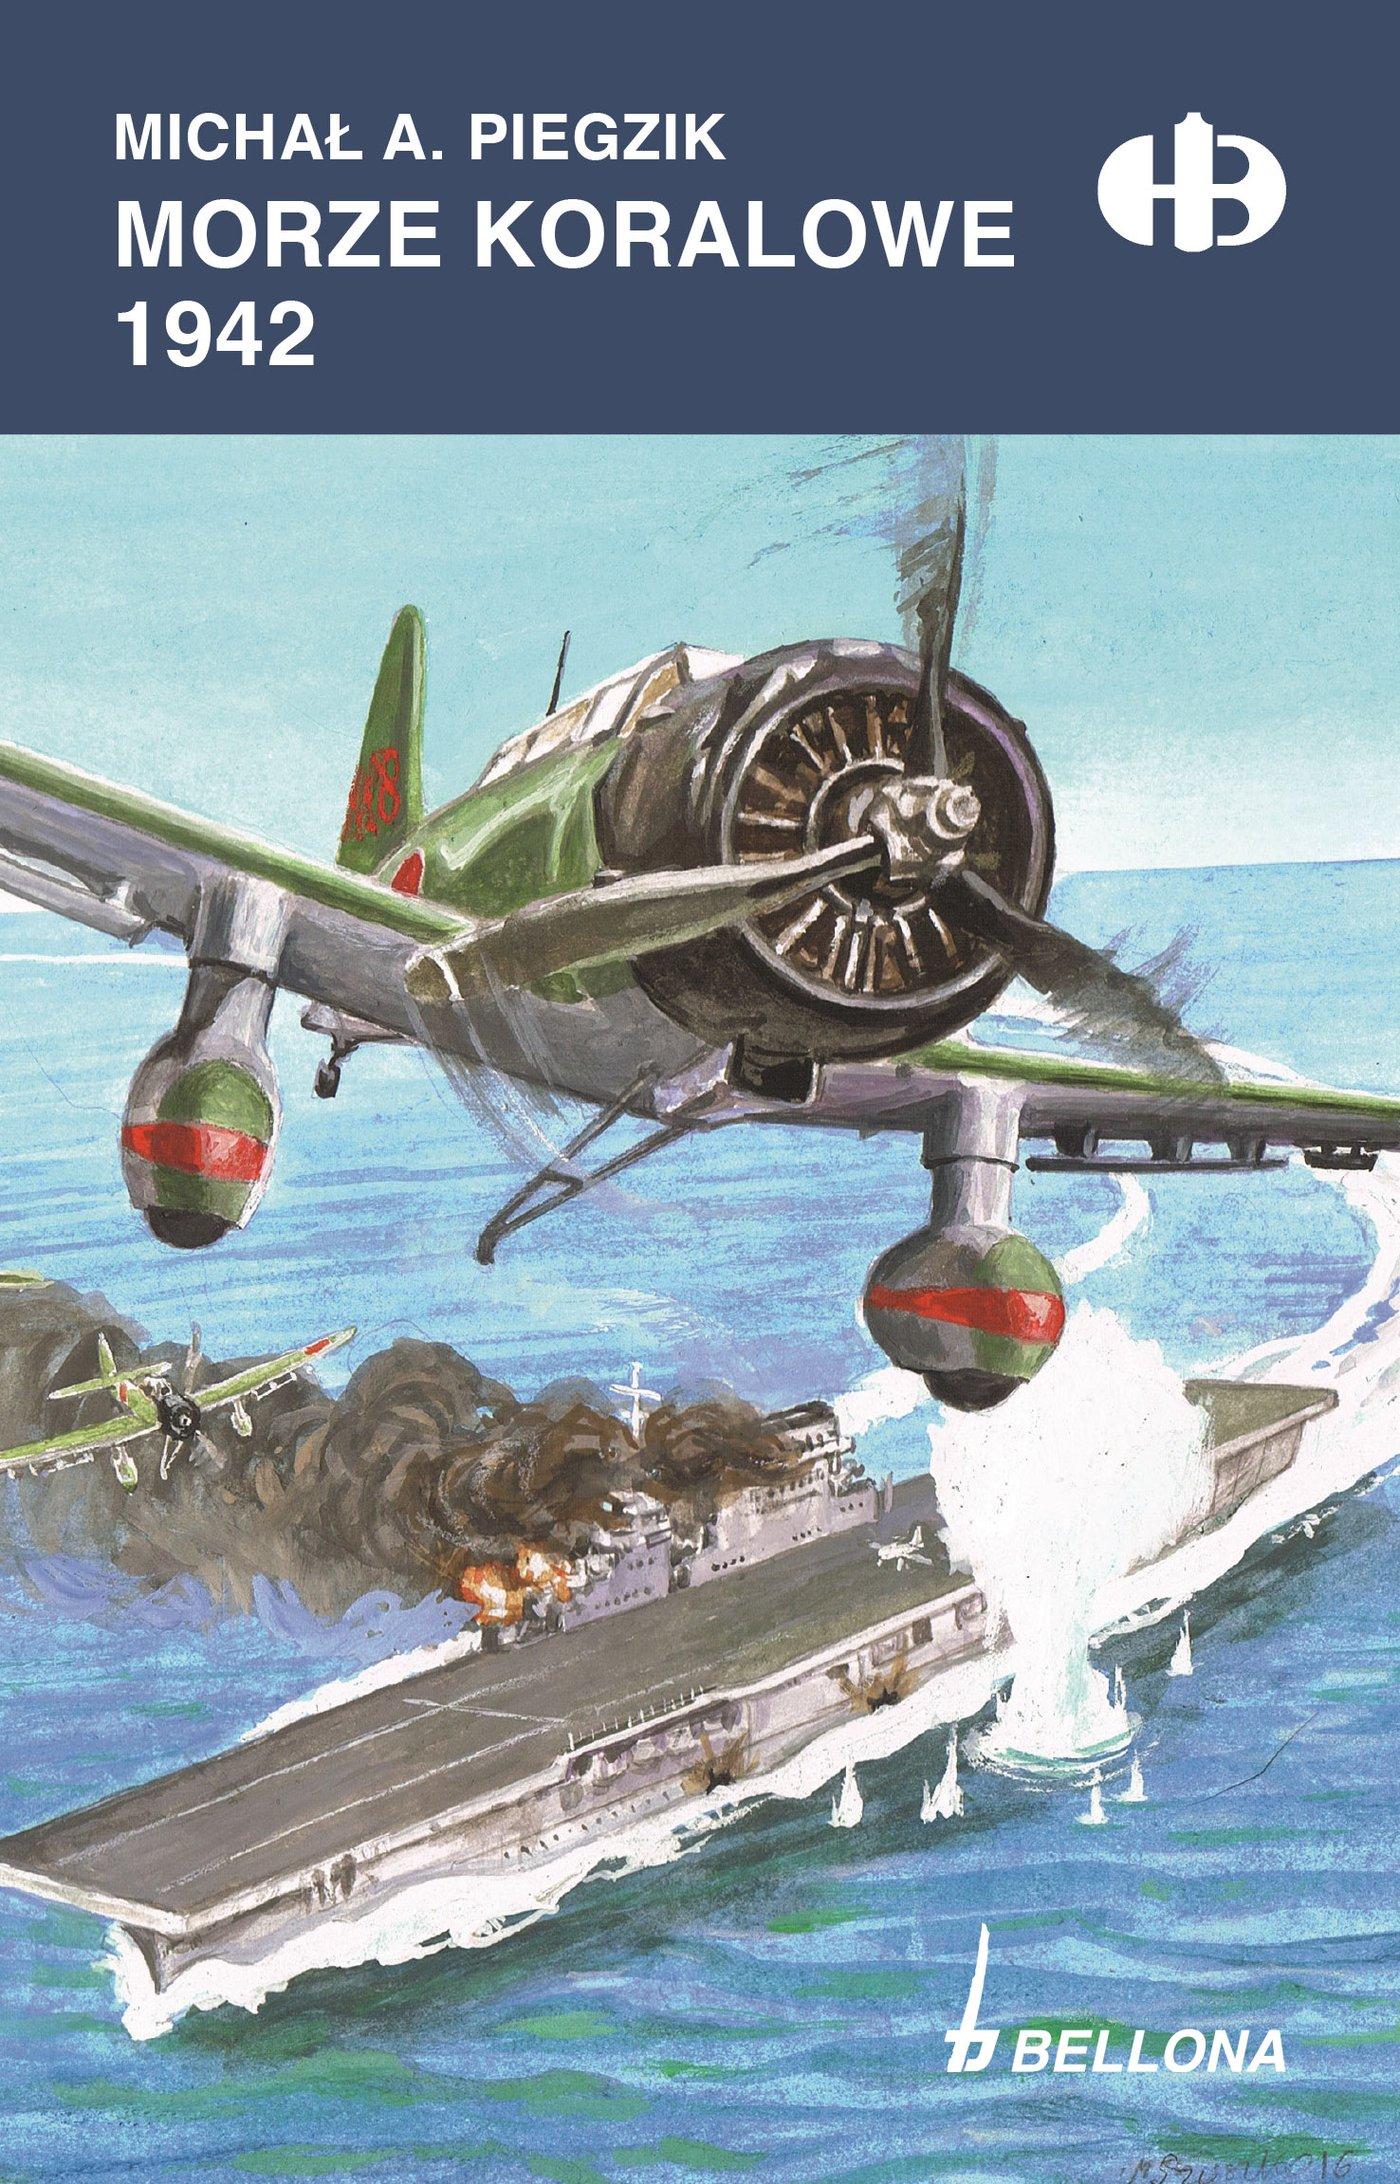 Morze Koralowe 1942 - Ebook (Książka na Kindle) do pobrania w formacie MOBI